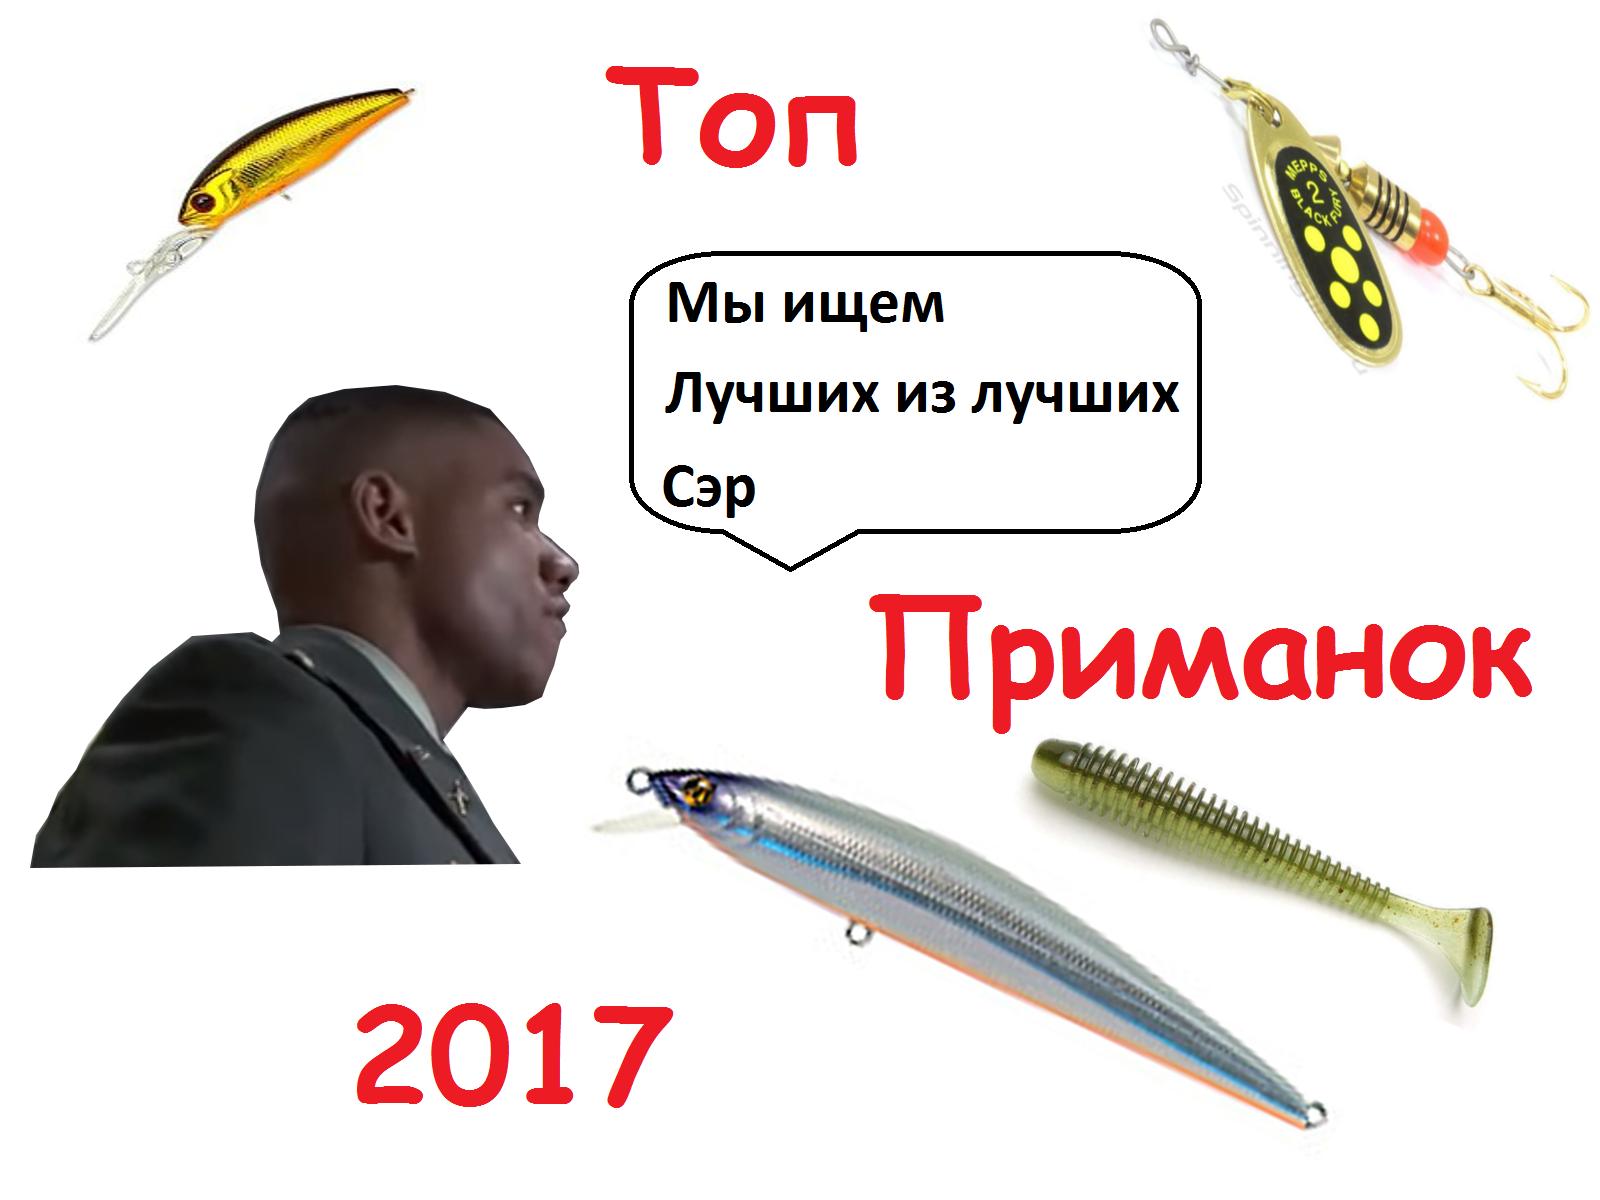 Топ спиннинговых приманок 2017